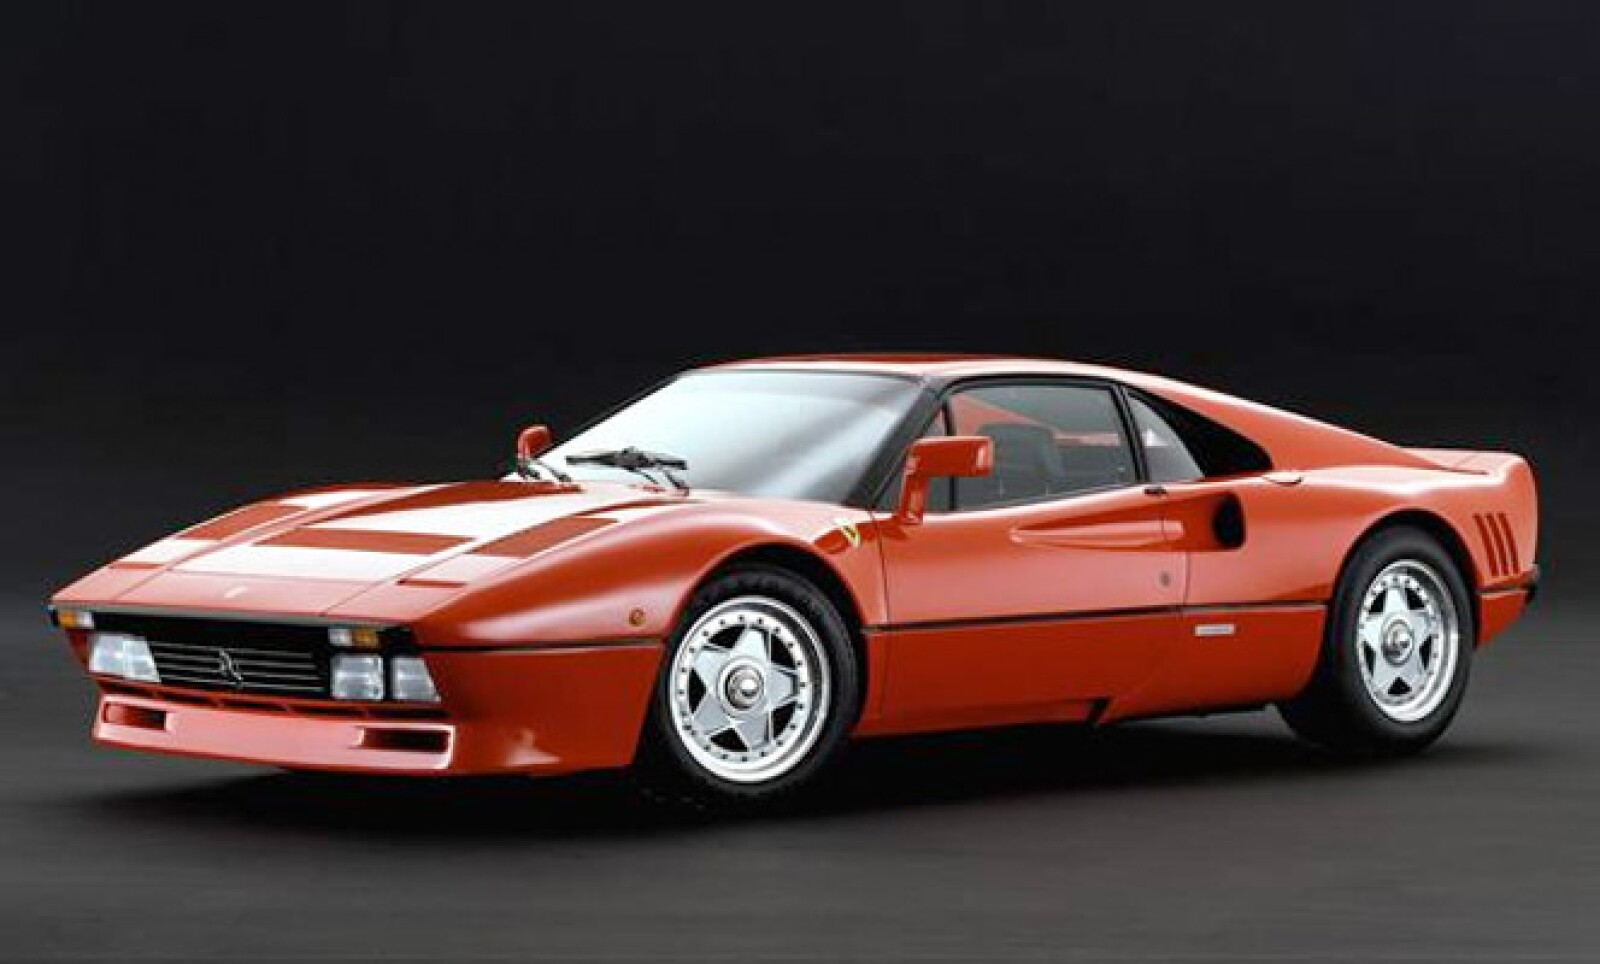 Se fabricaron sólo 272 autos  de este modelo entre 1984 y 1986. La potencia de este modelo es descomunal: en el motor tenía dos turbocargadores que le permitían desarrollar los 400 caballos de fuerza y una velocidad tope de 305 Km/h.